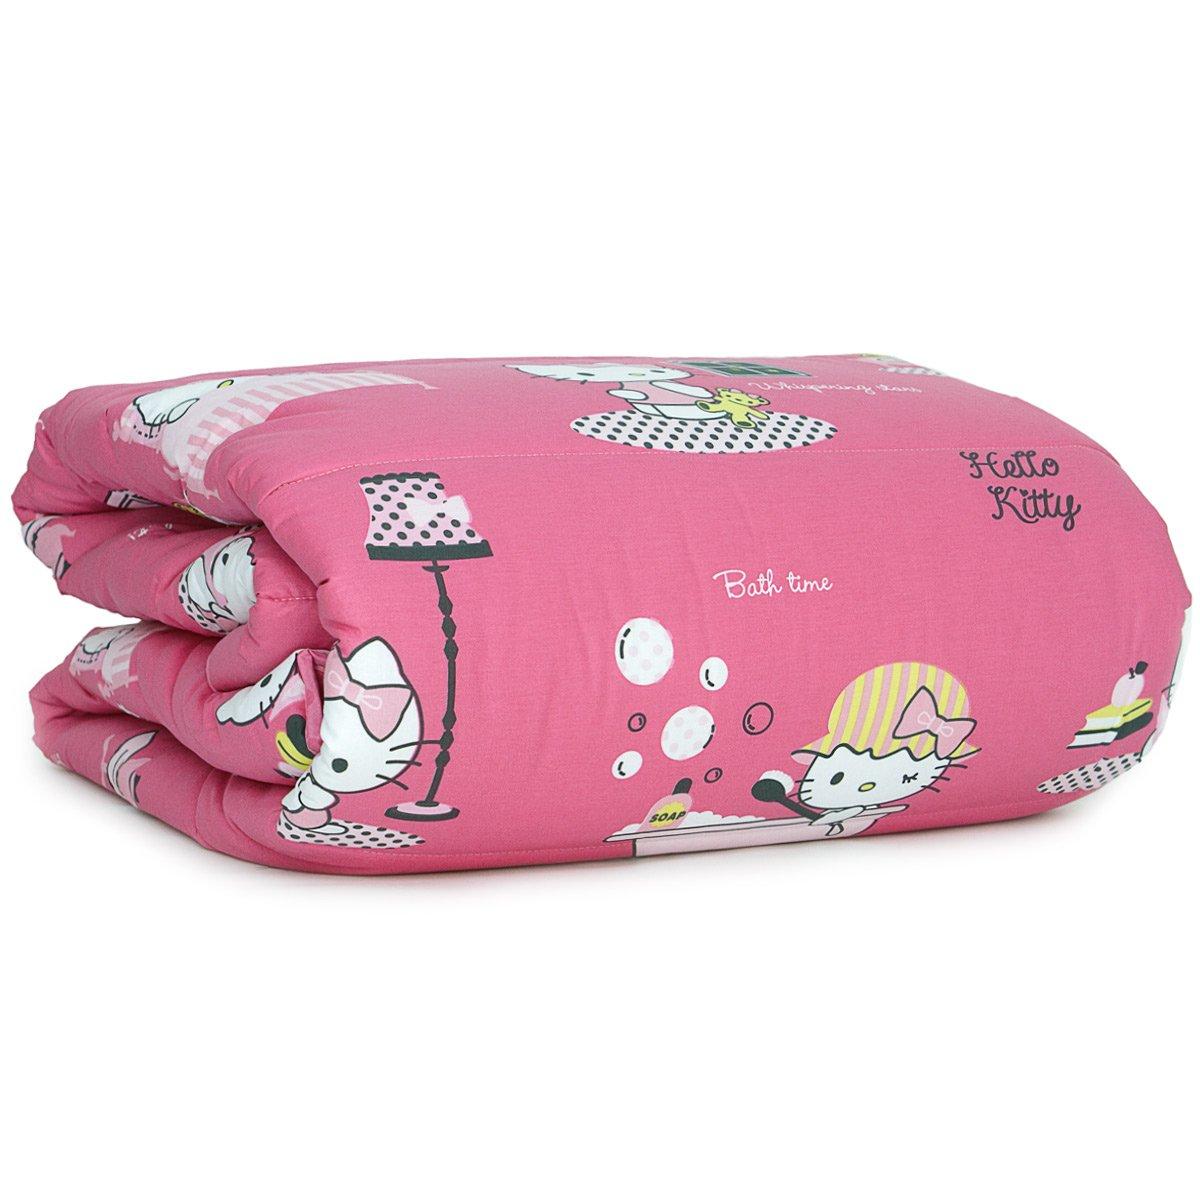 Copriletto Hello Kitty Singolo.Copriletto Stampato Singolo 1 Piazza Gabel Cotone My Home Hello Kitty